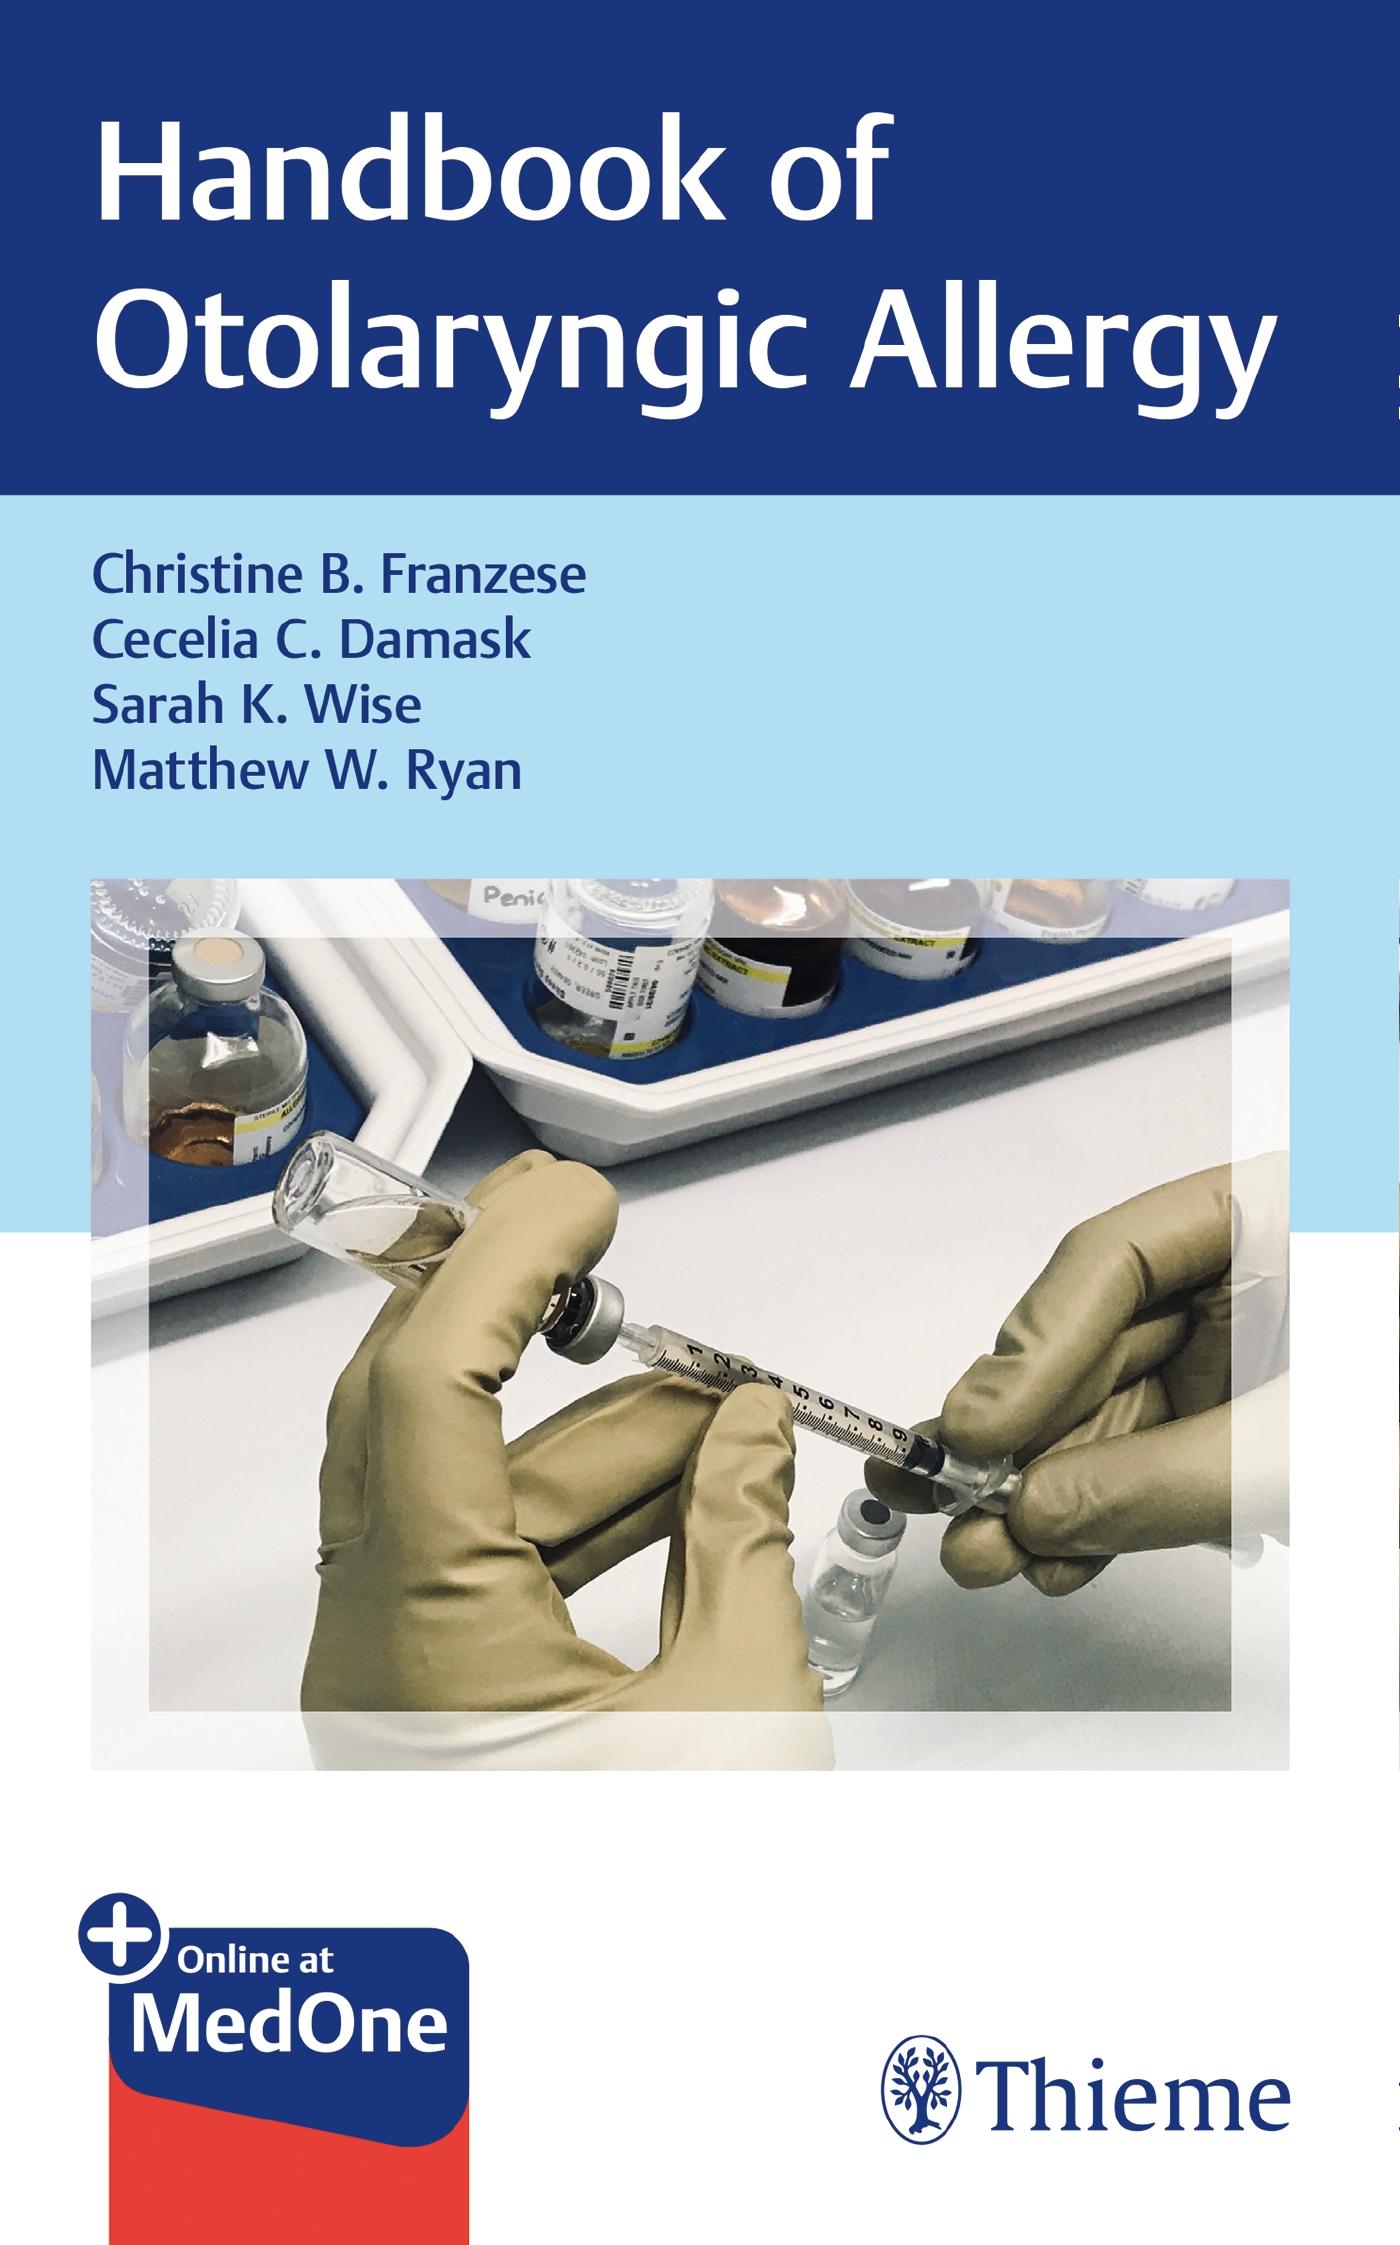 Handbook of Otolaryngic Allergy